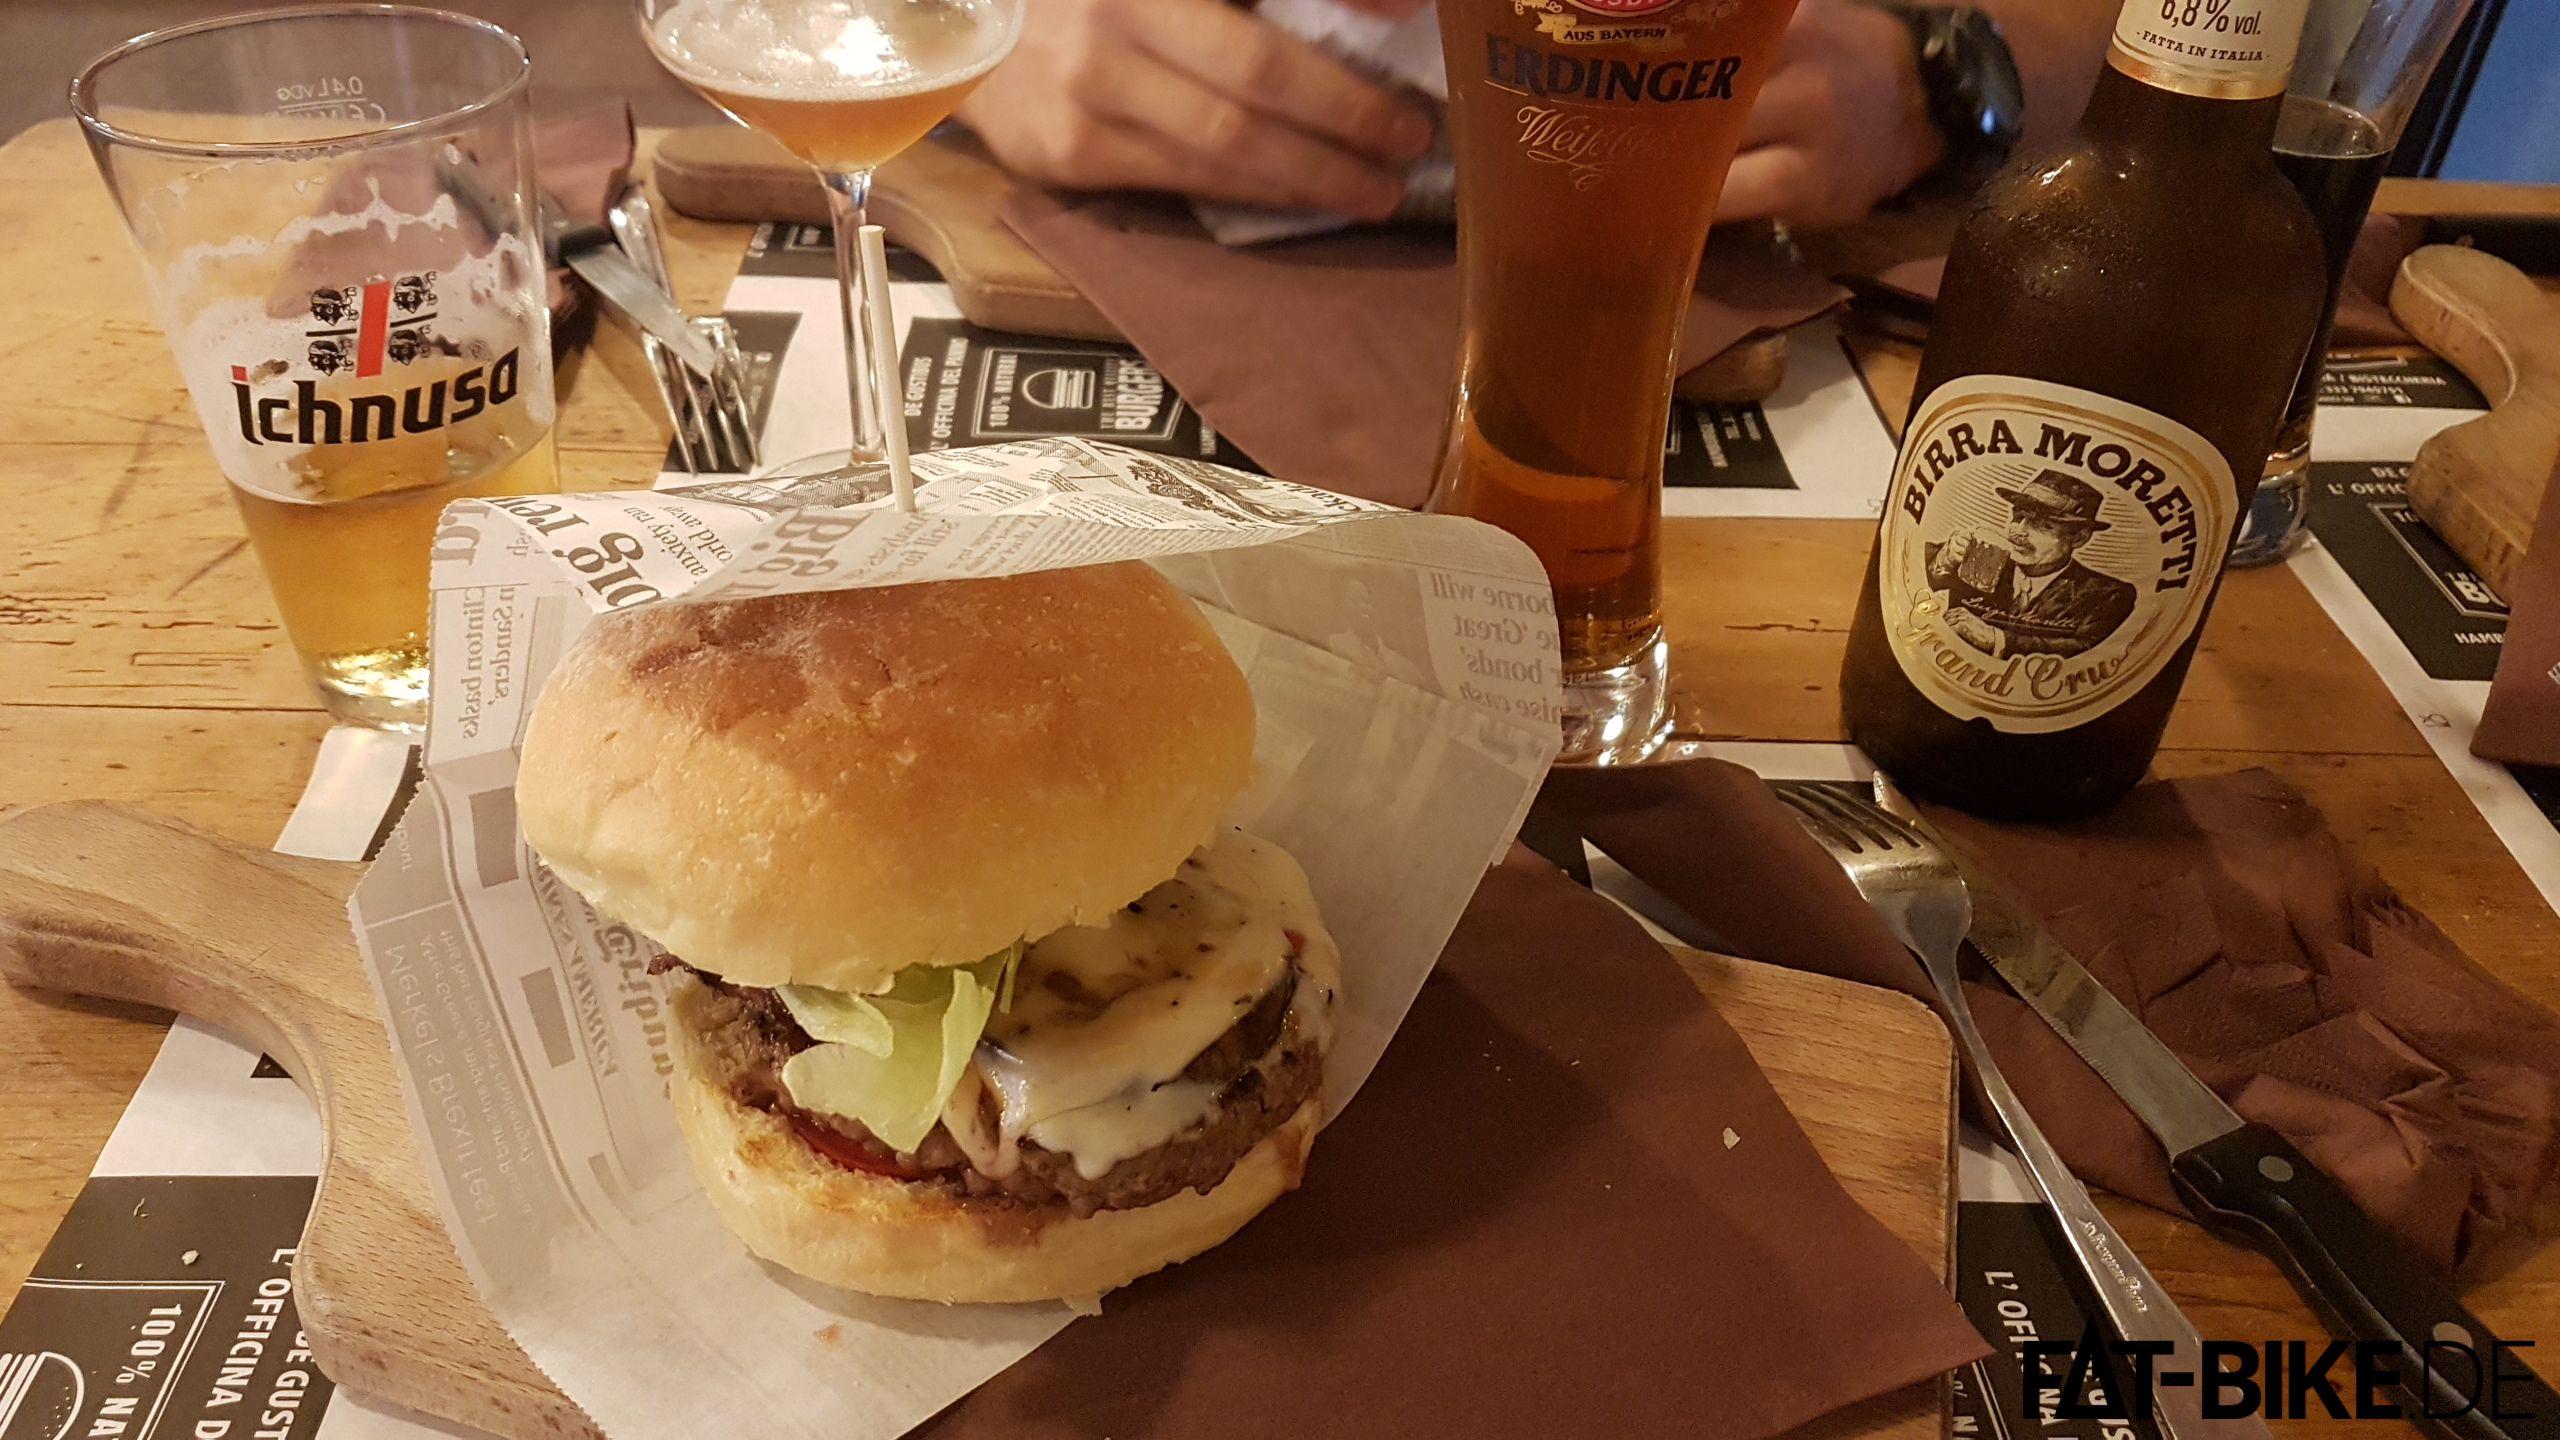 Juicy, dieser Burger. Und erst noch das Bier dazu... Jetzt kriegt ihr sicher alle Hunger und Bock auf Bier?!